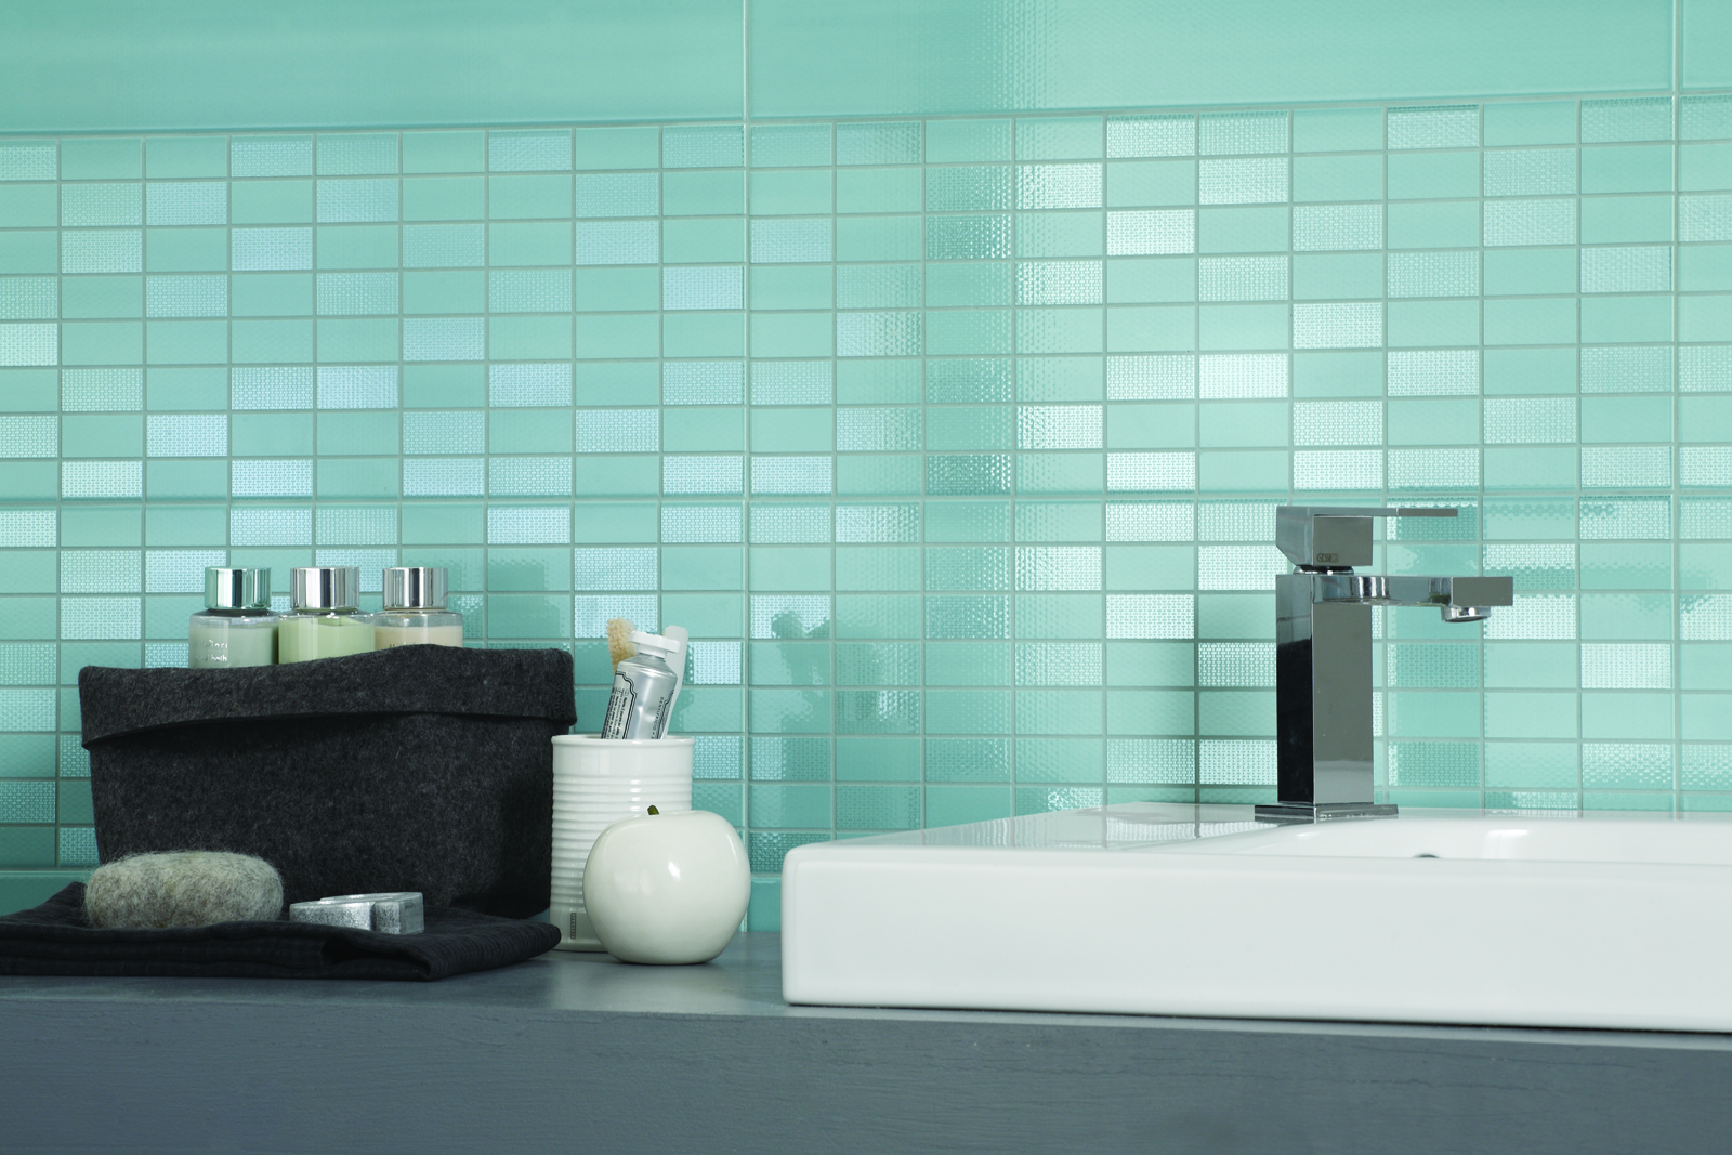 Nuance c ramique rev tements pour salle de bain marazzi for Salle de bain ceramique photo